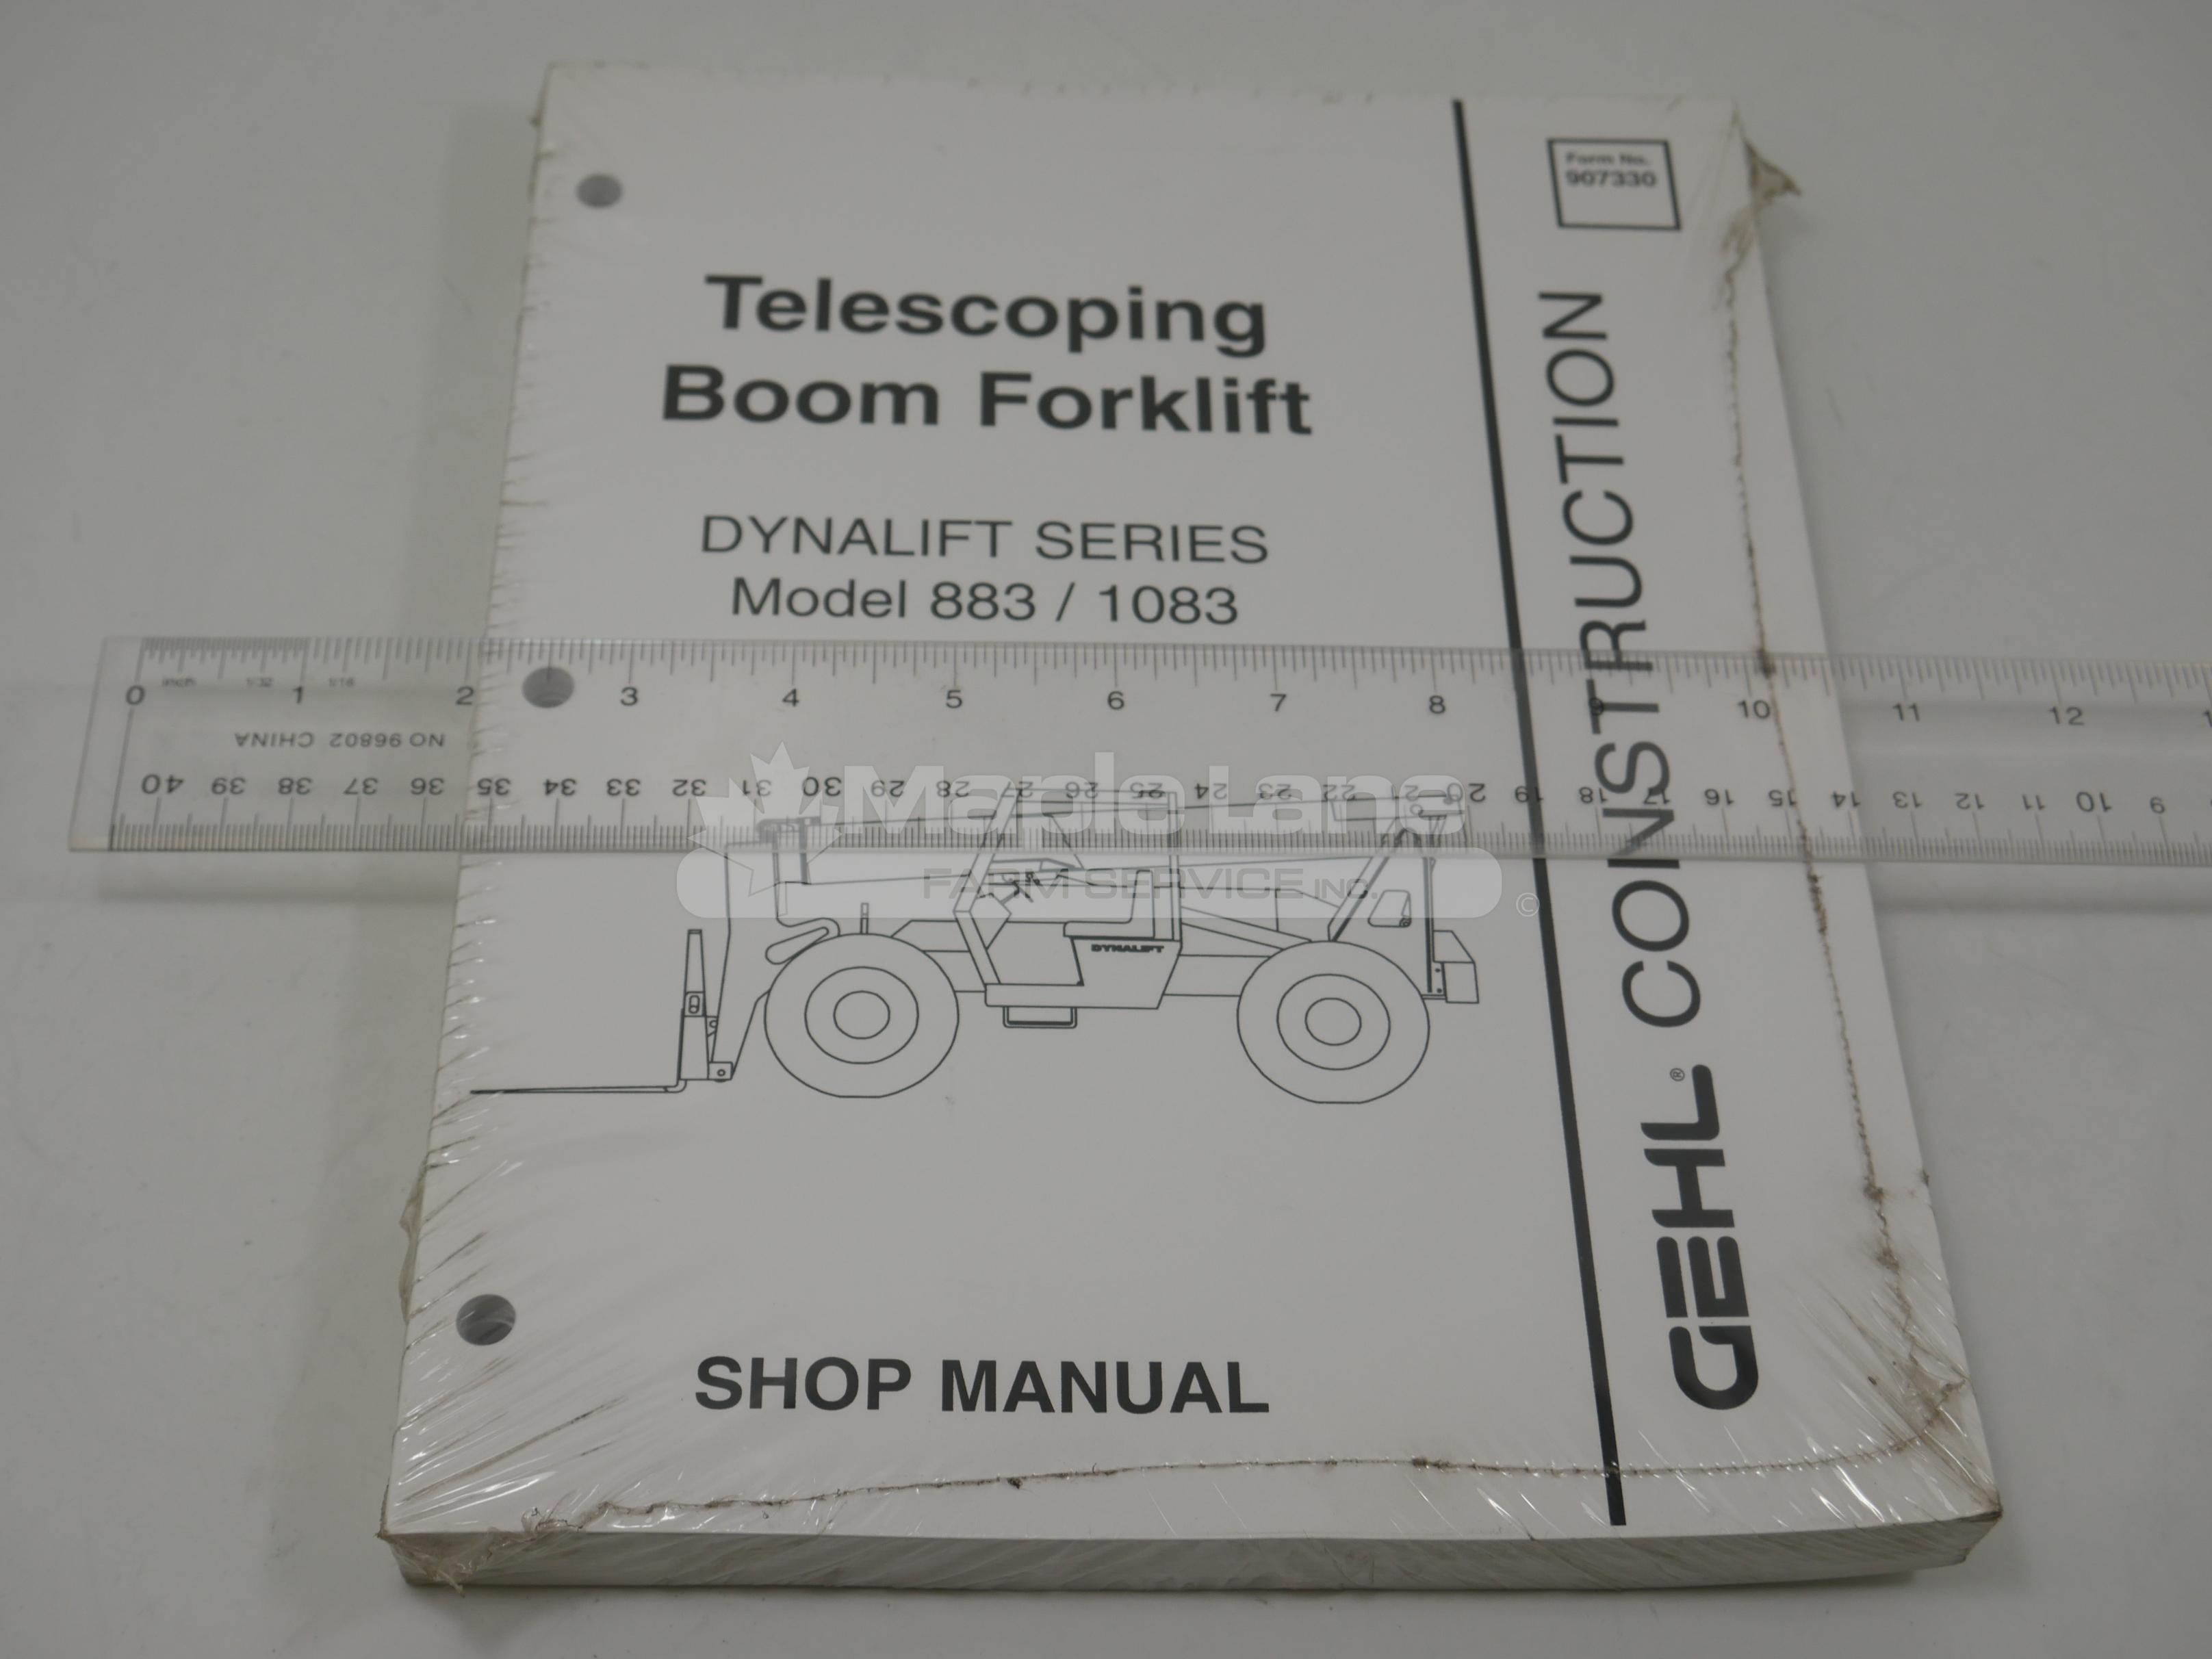 907330 Shop Manual